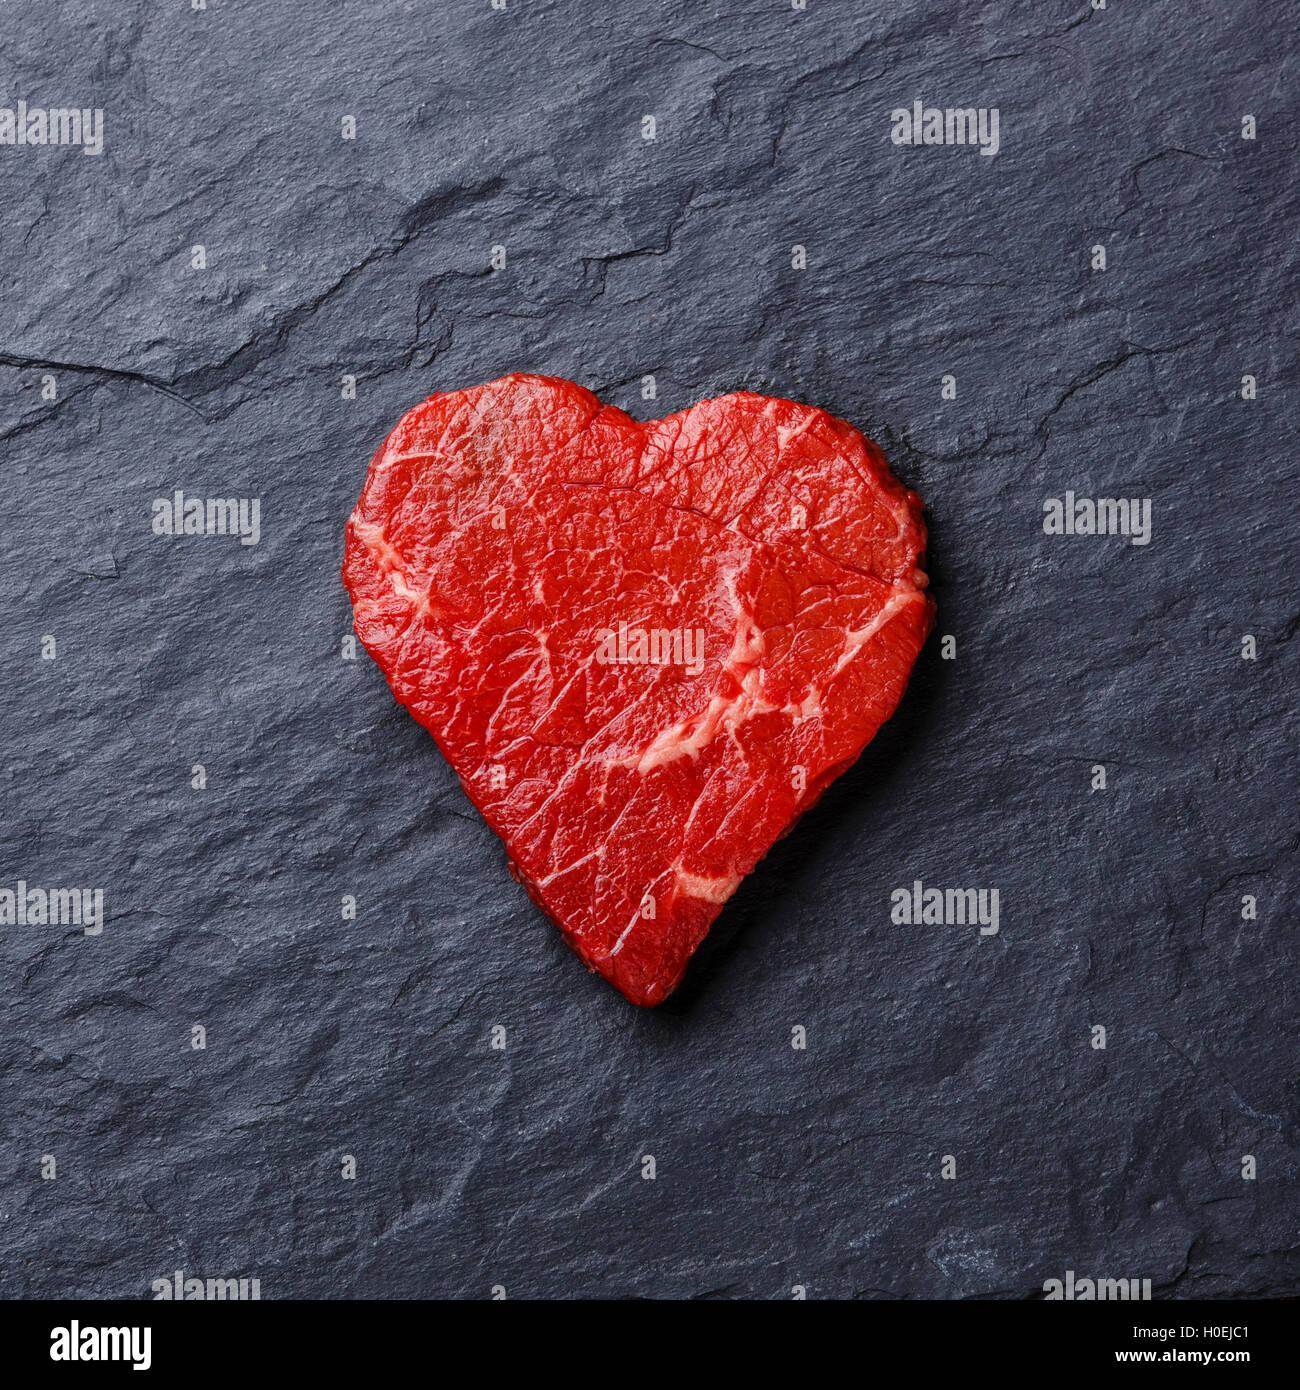 Herzform rohes Frischfleisch auf Stein Schiefer dunkel Stockbild